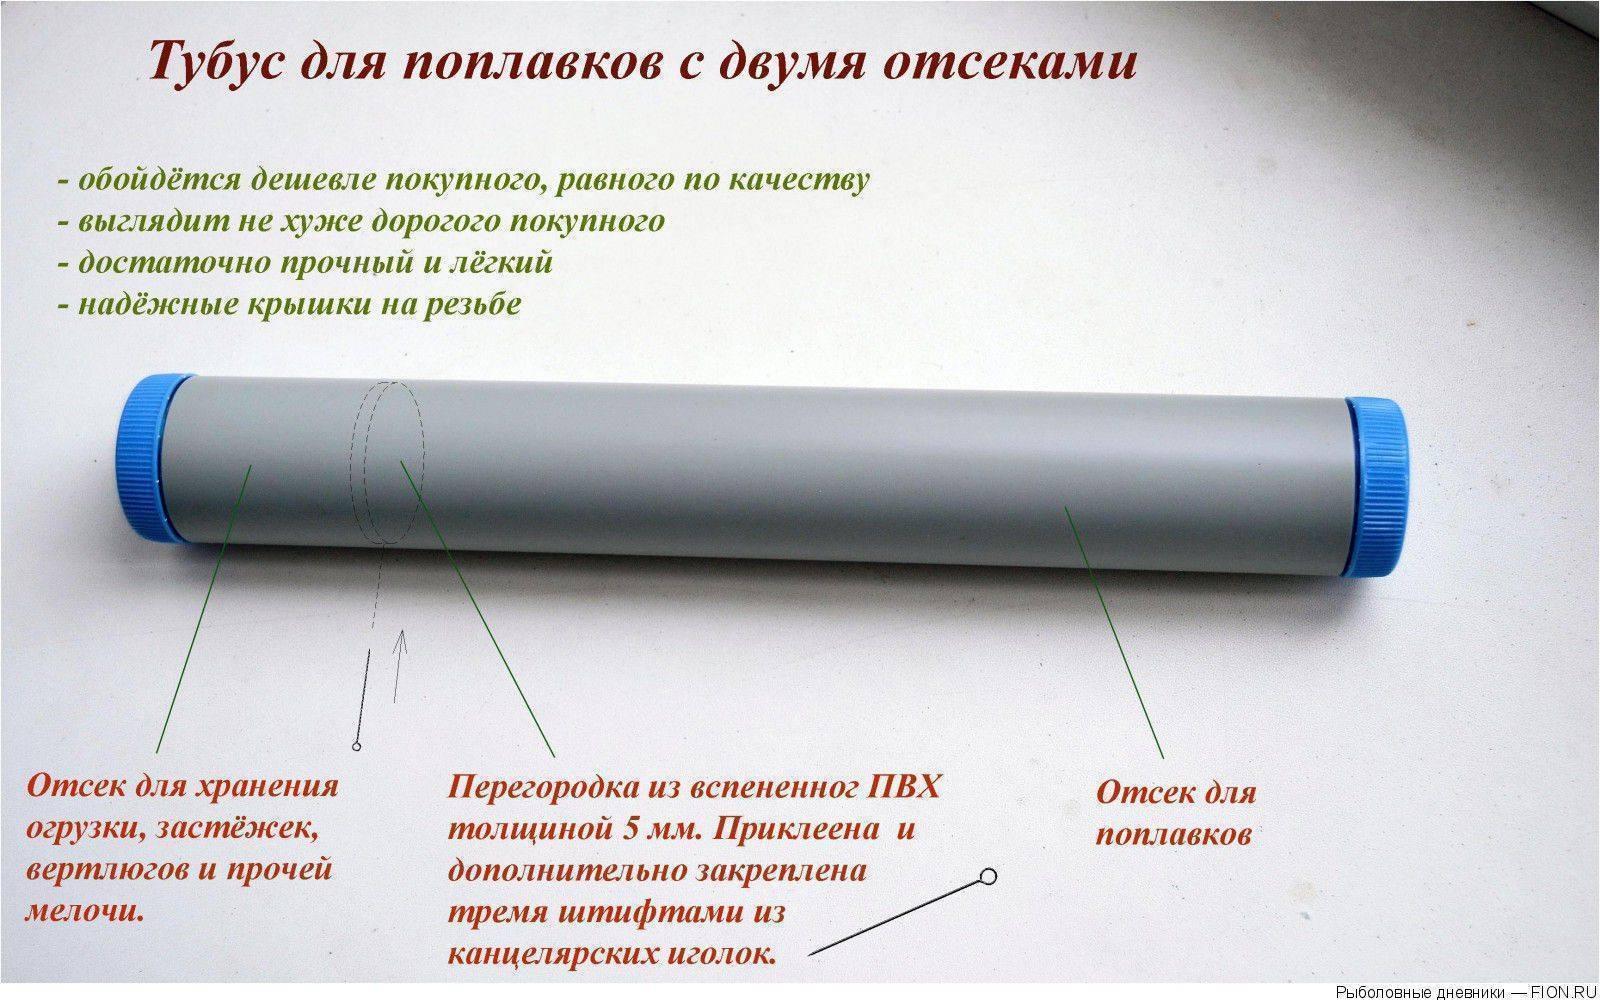 """""""тубус что это"""" - медицинская энциклопедия"""